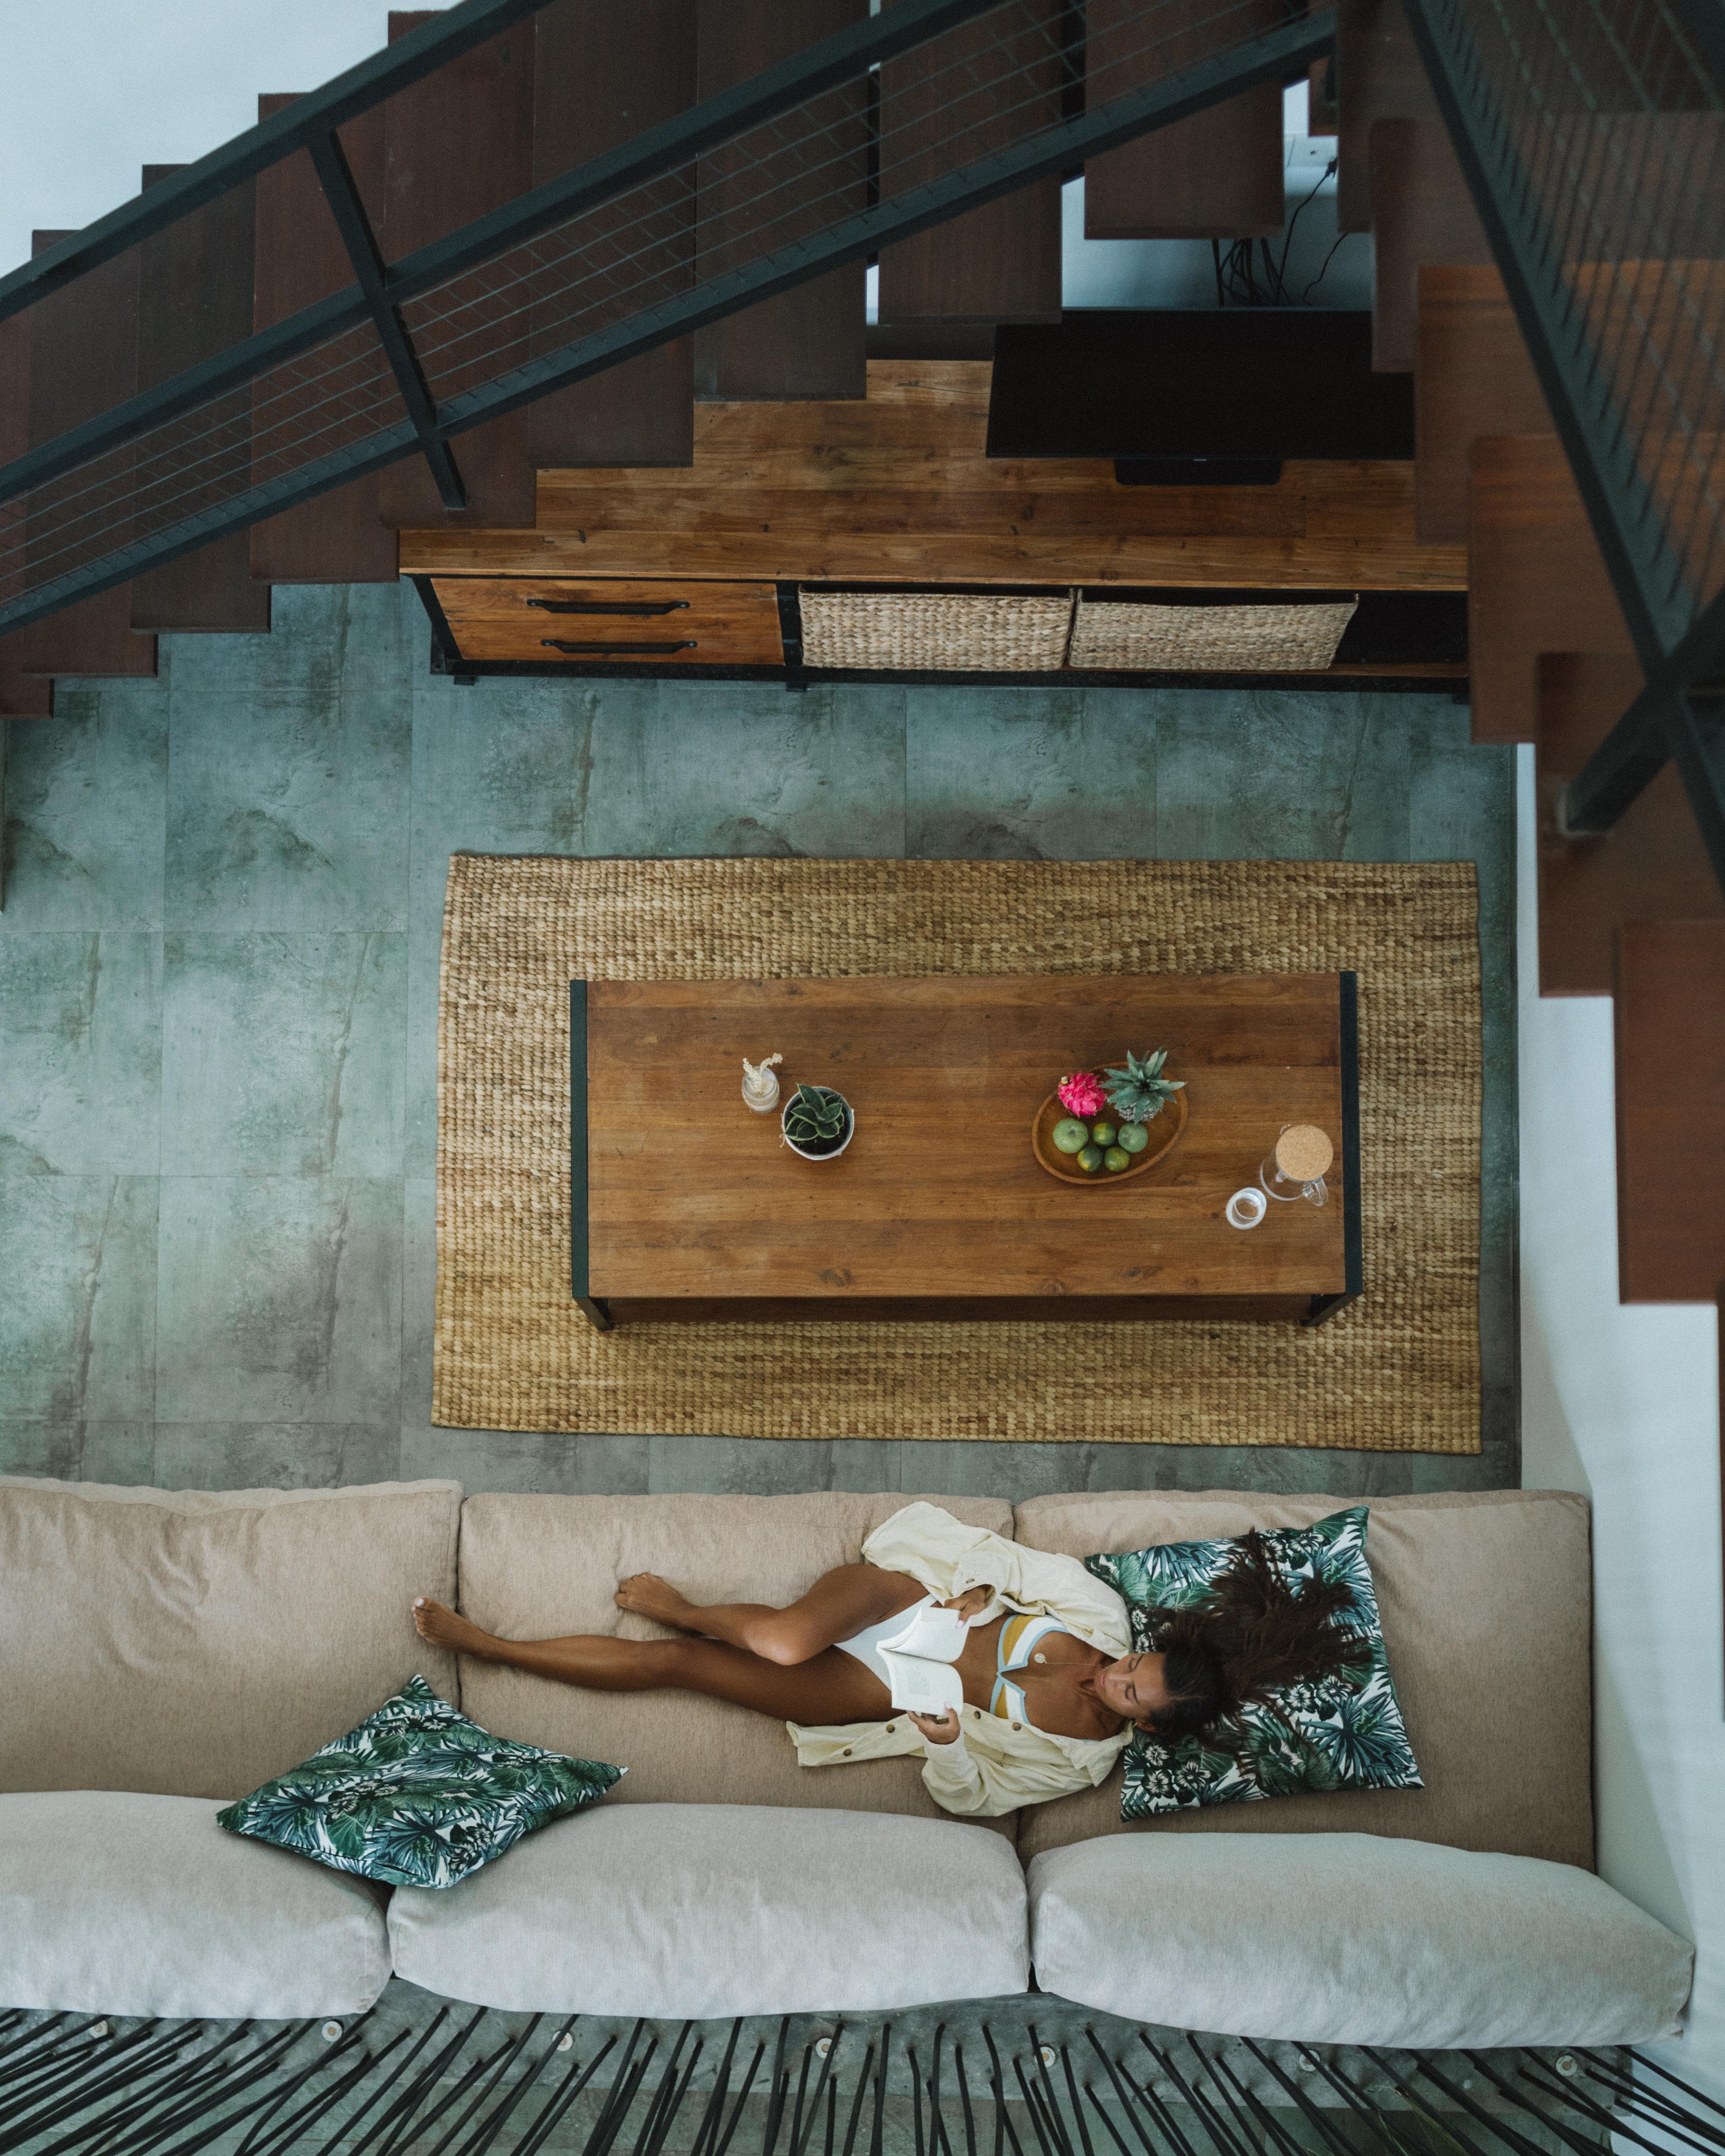 decoration naturelle asie indonesie inspiration